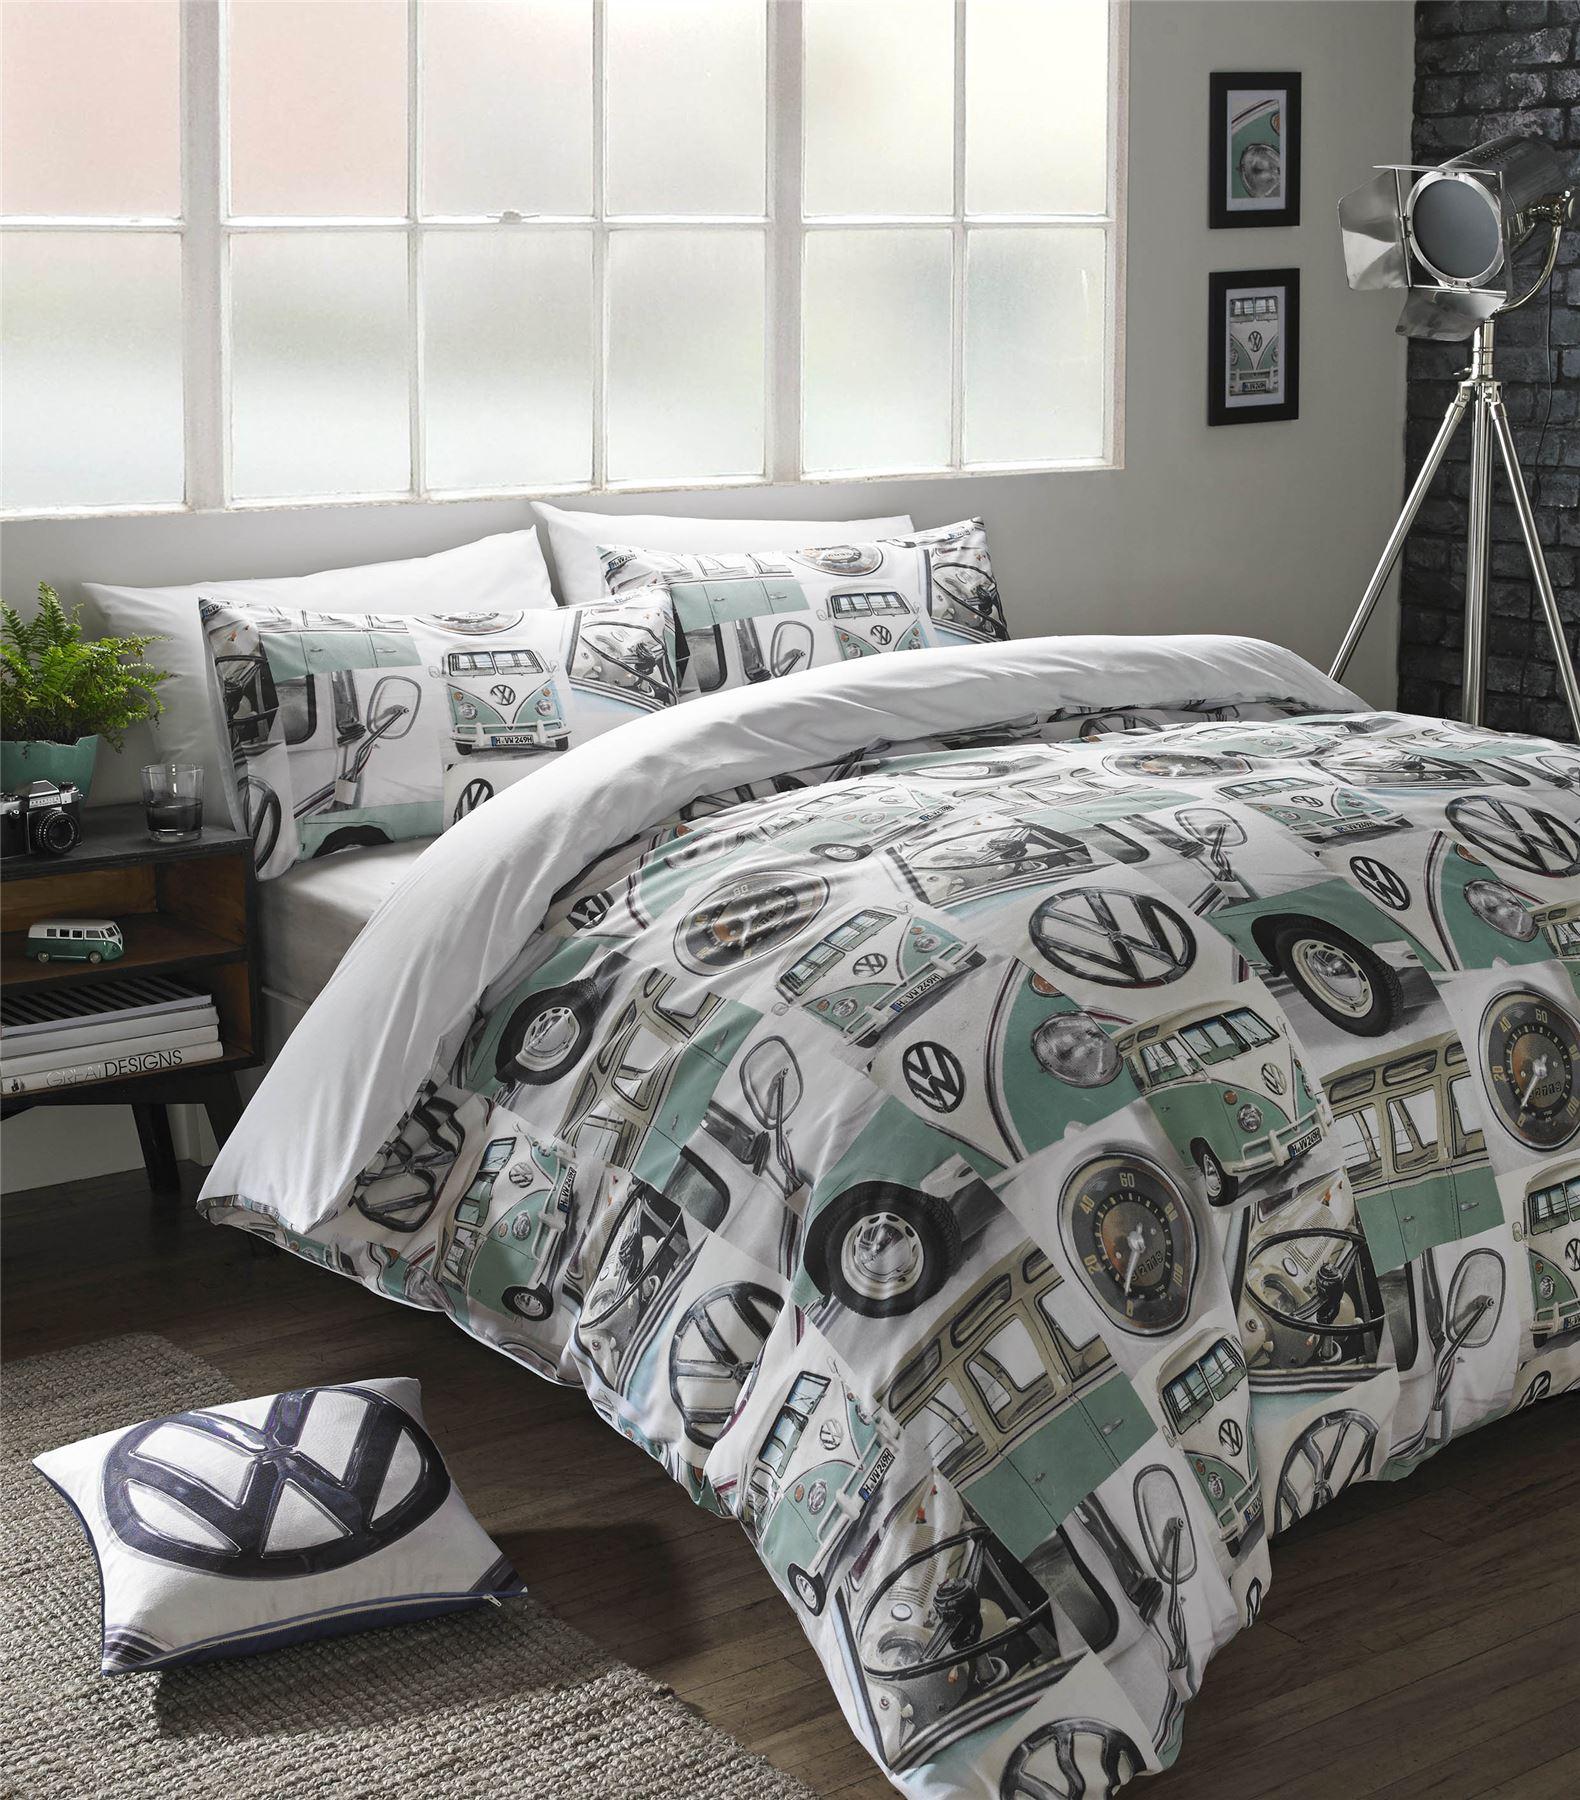 Bettwäsche Mintgrün klassisch wohnmobil flickwerk mintgrün grau doppelbett bettwäsche ebay